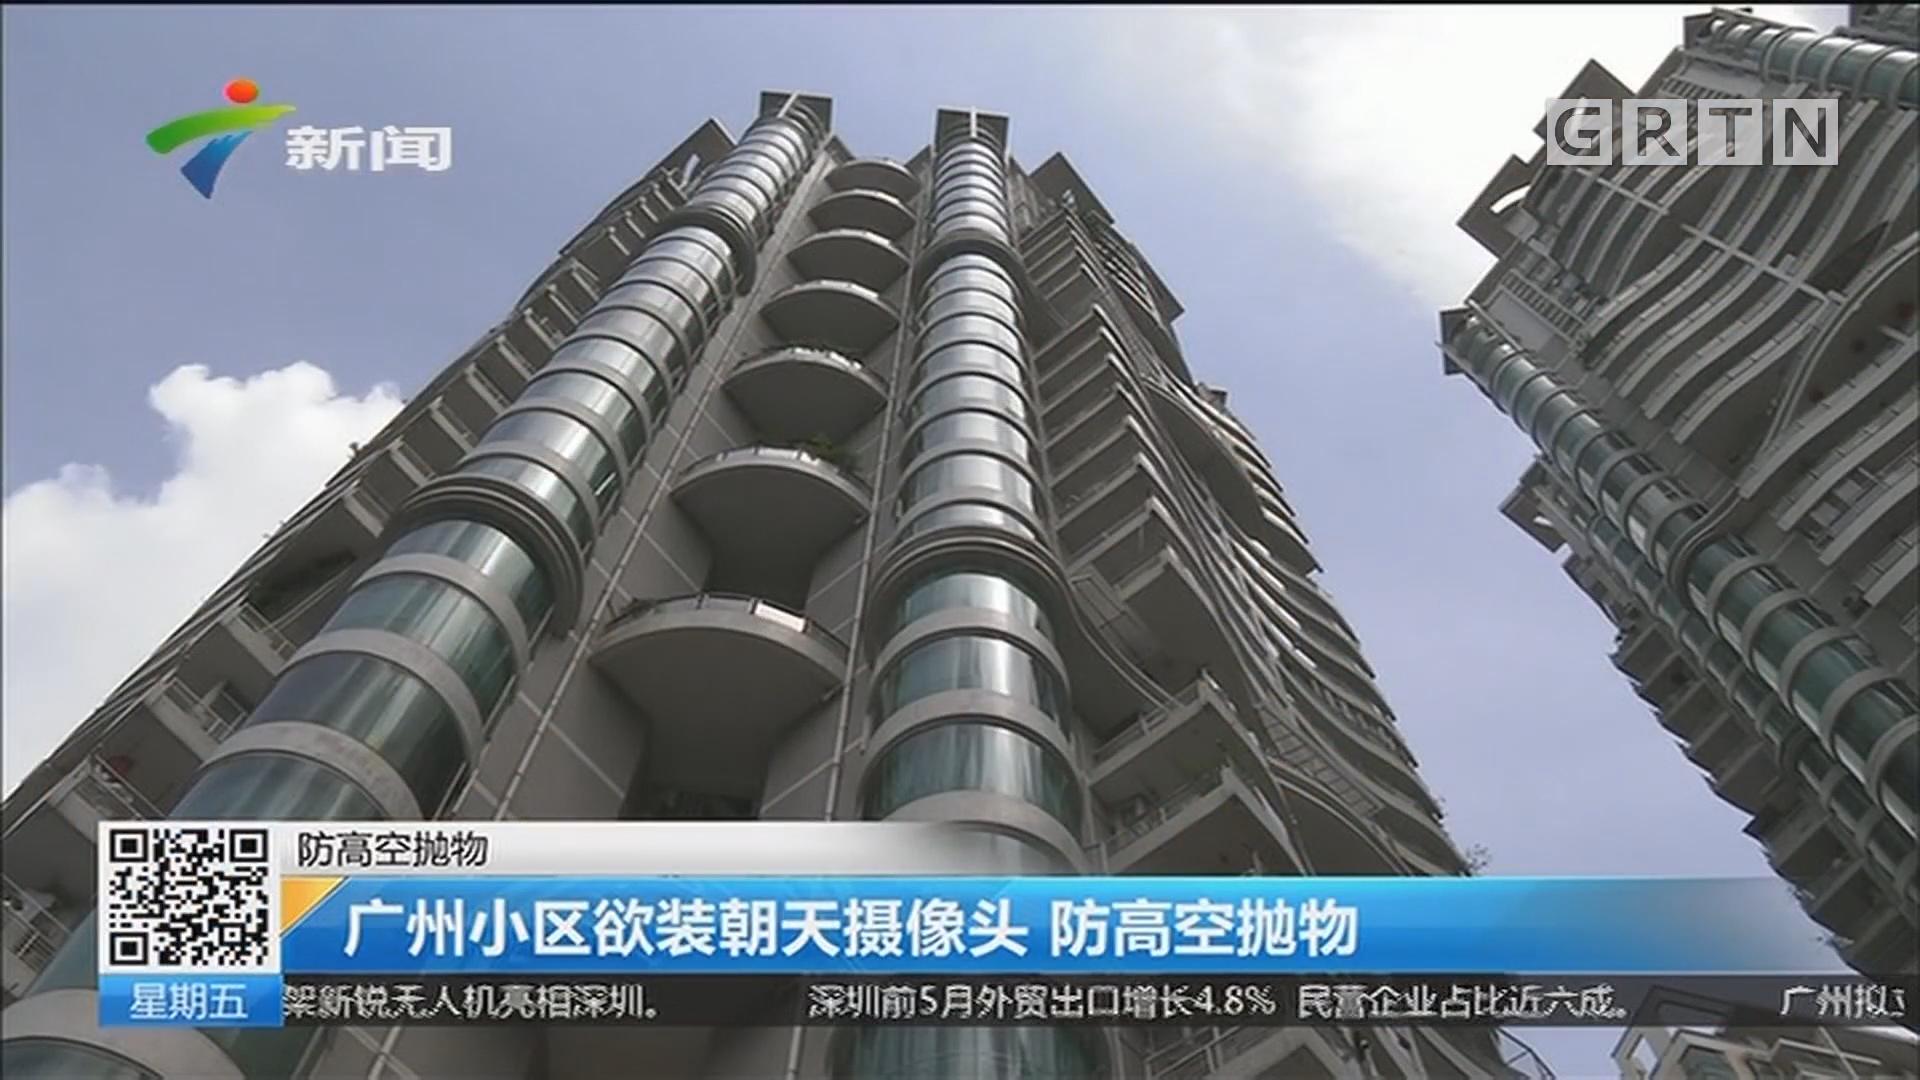 防高空抛物:广州小区欲装朝天摄像头 防高空抛物